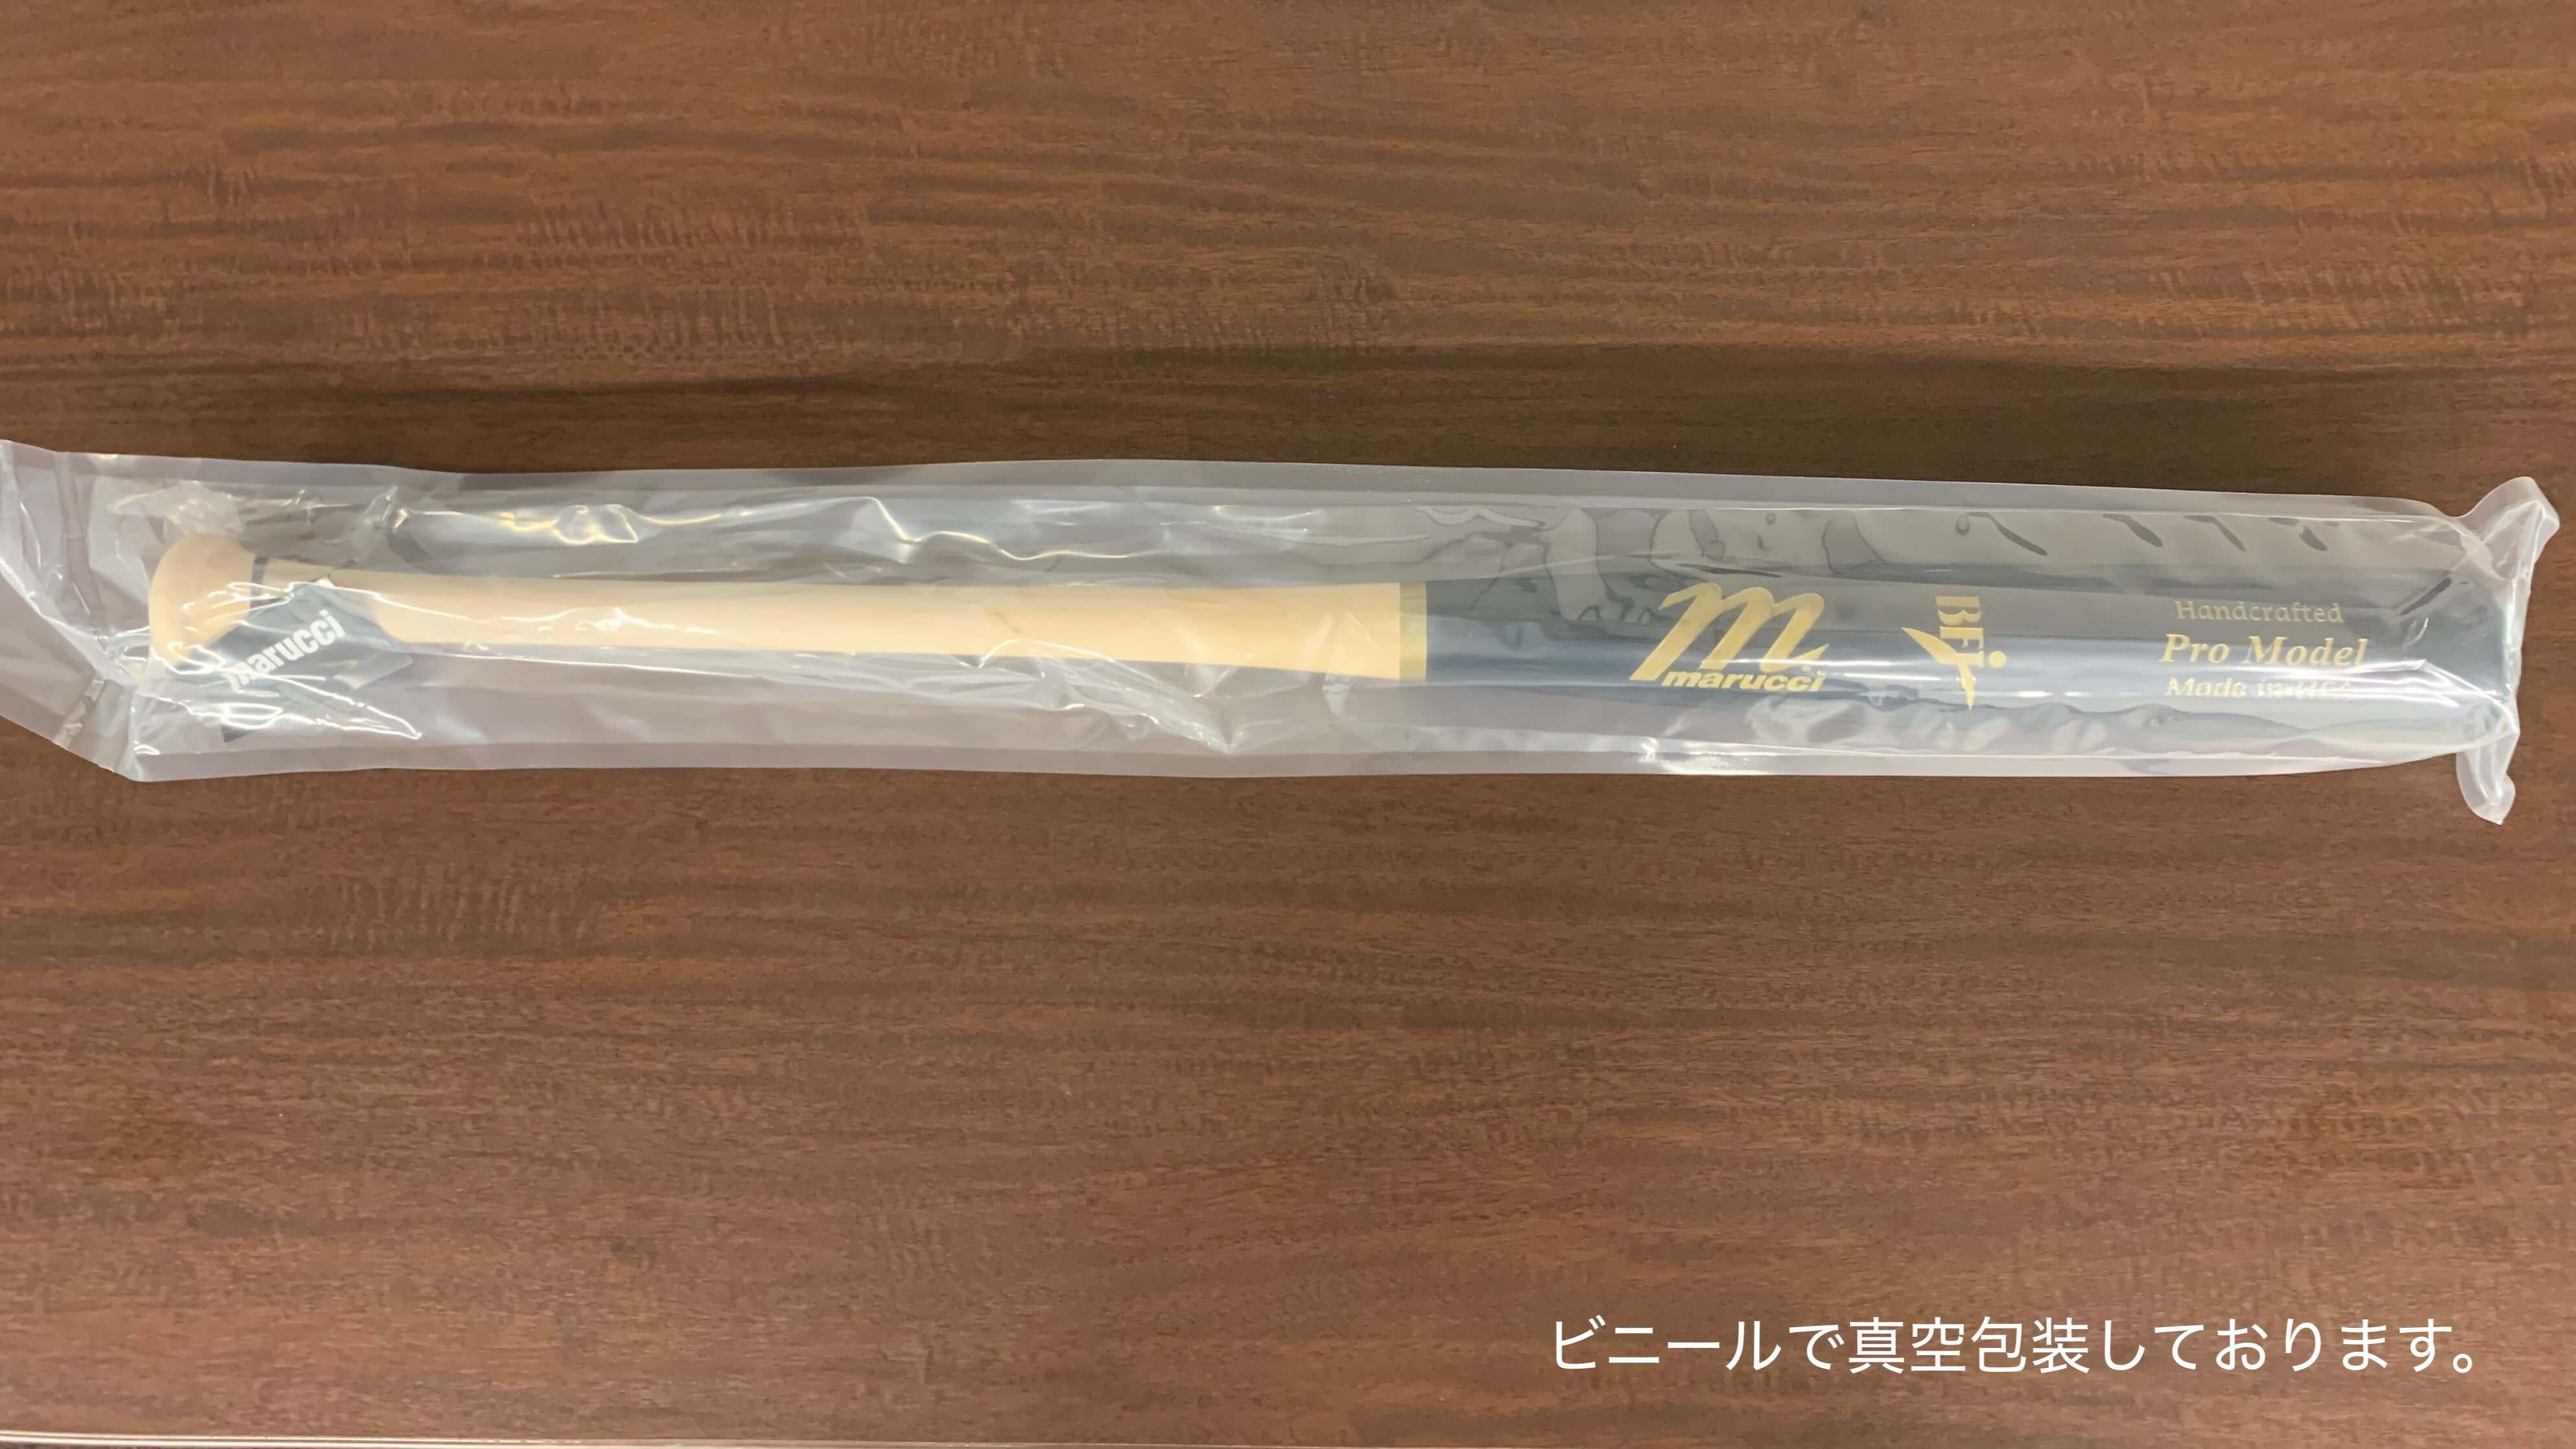 22BAD-001